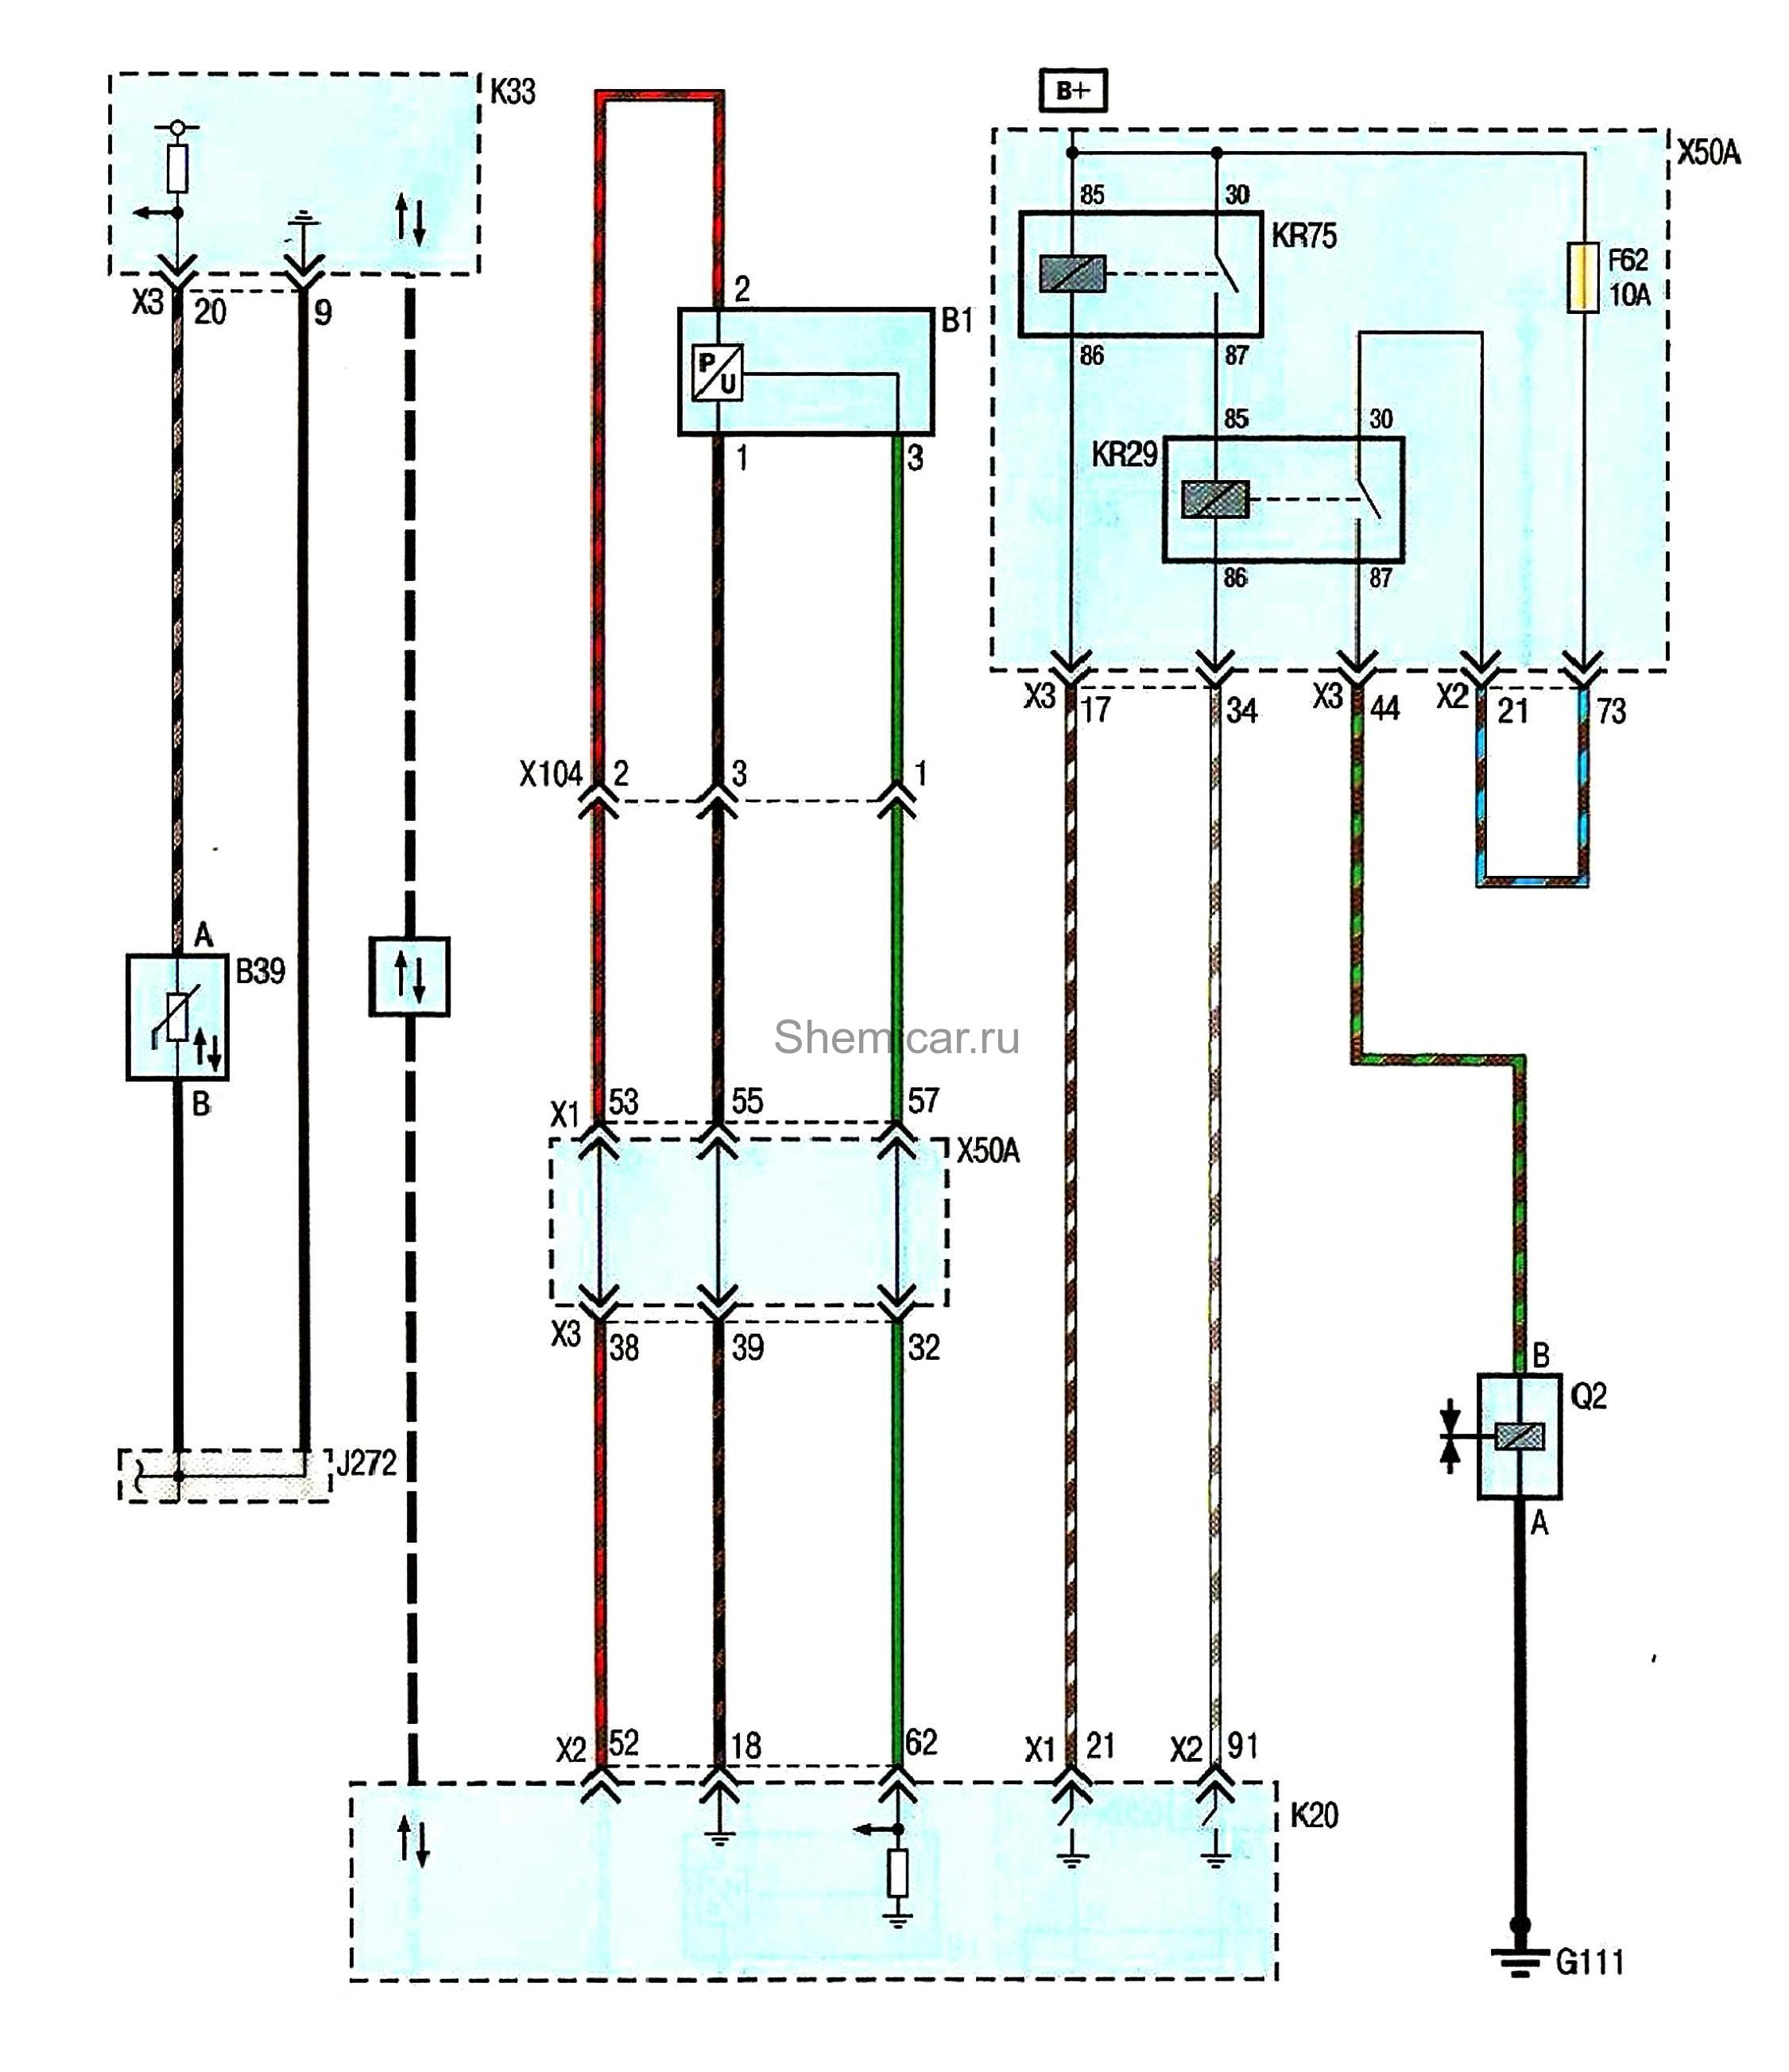 Схема топливной системы шевроле круз фото 834